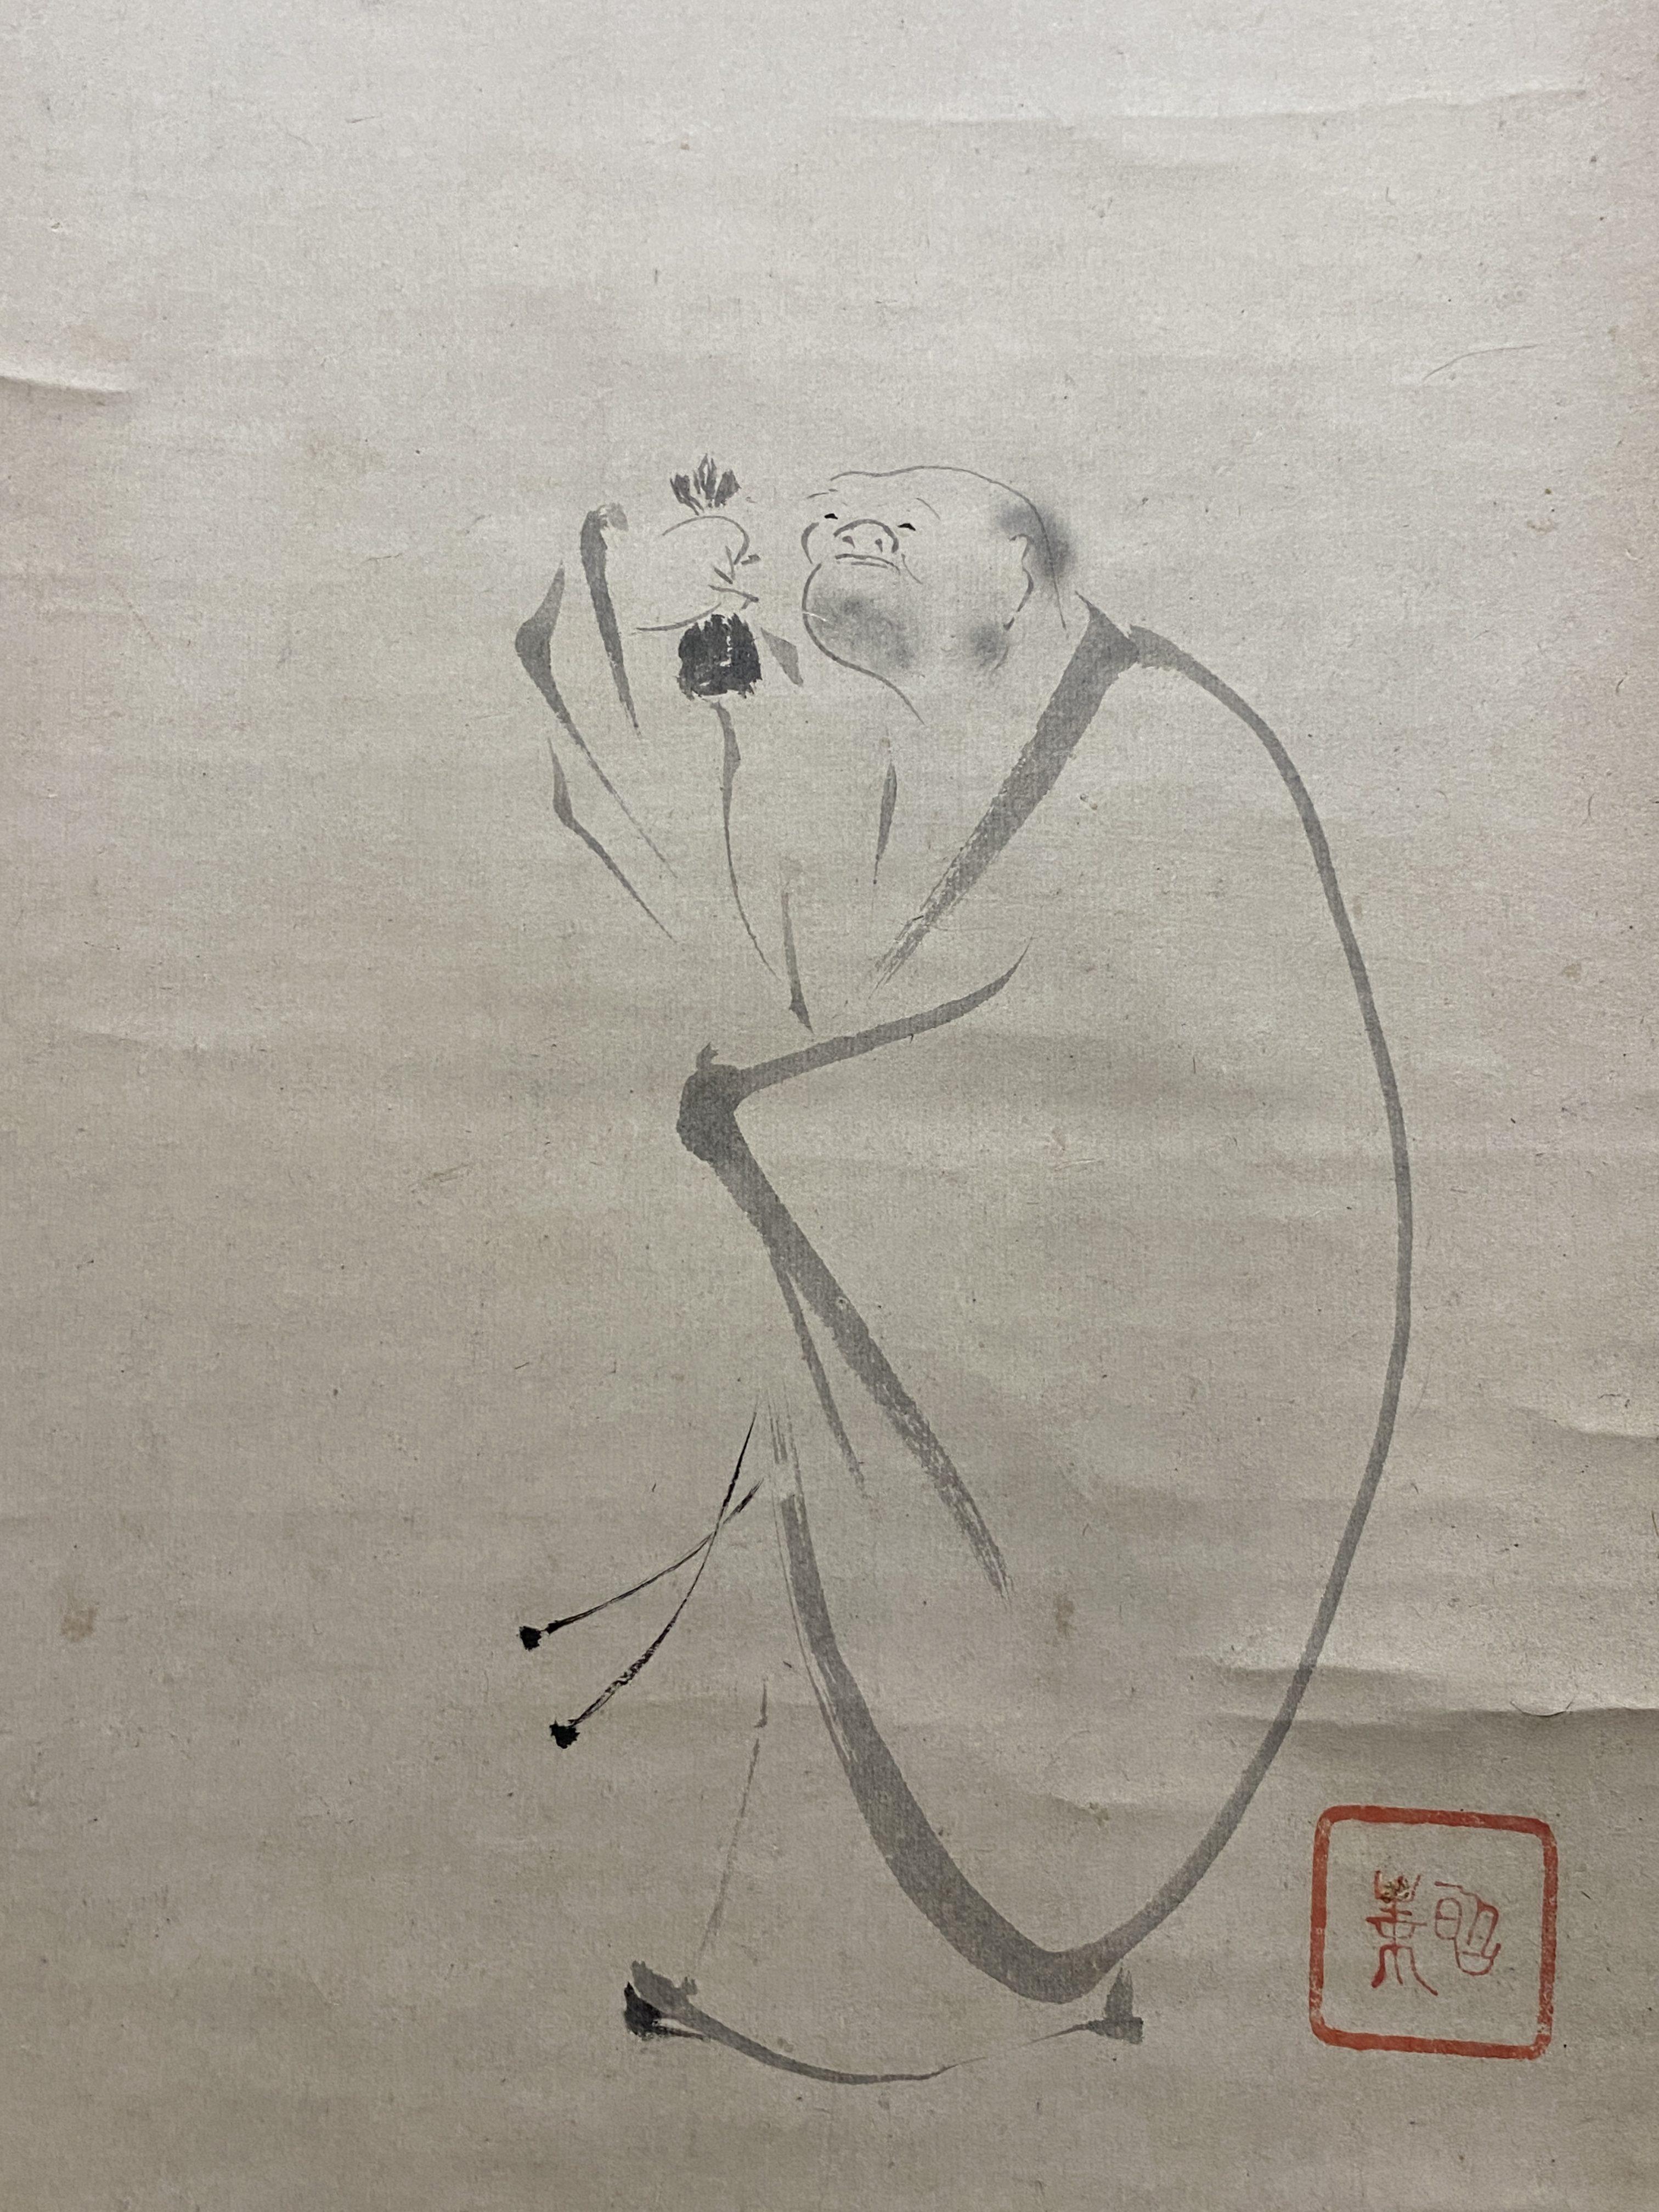 松花堂昭乗 普化振鈴図 江月宗玩賛